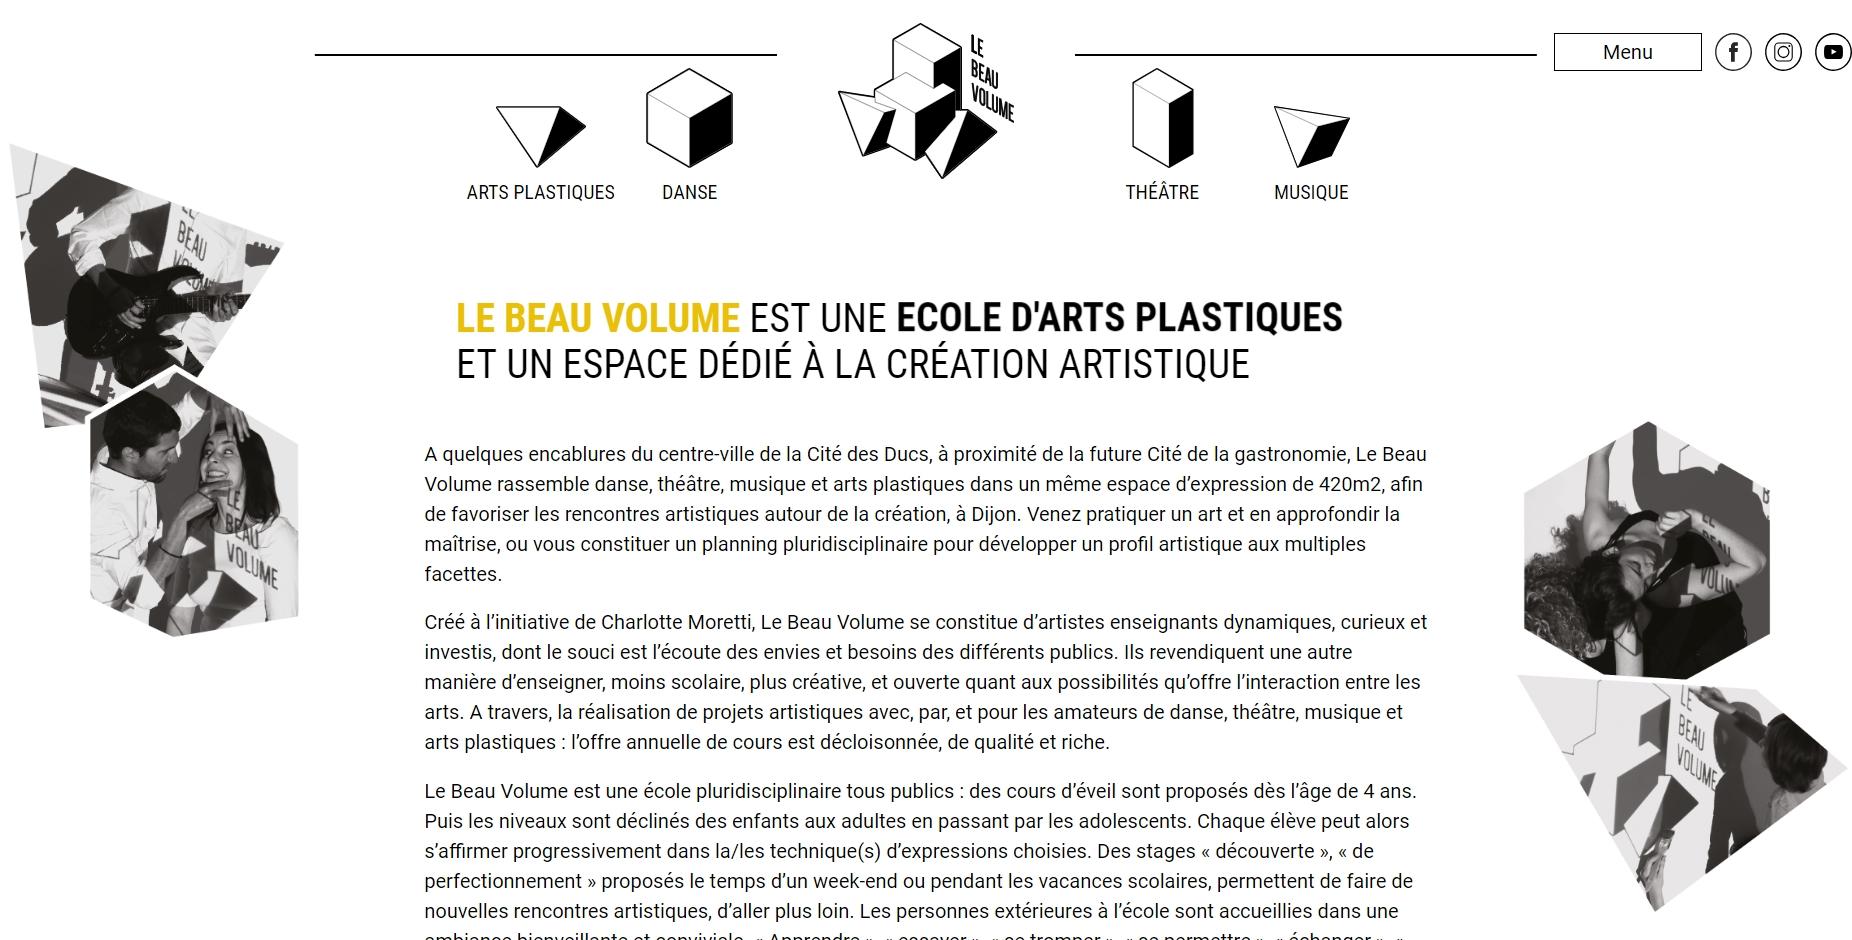 Activités Artistiques Le Beau Volume à Dijon